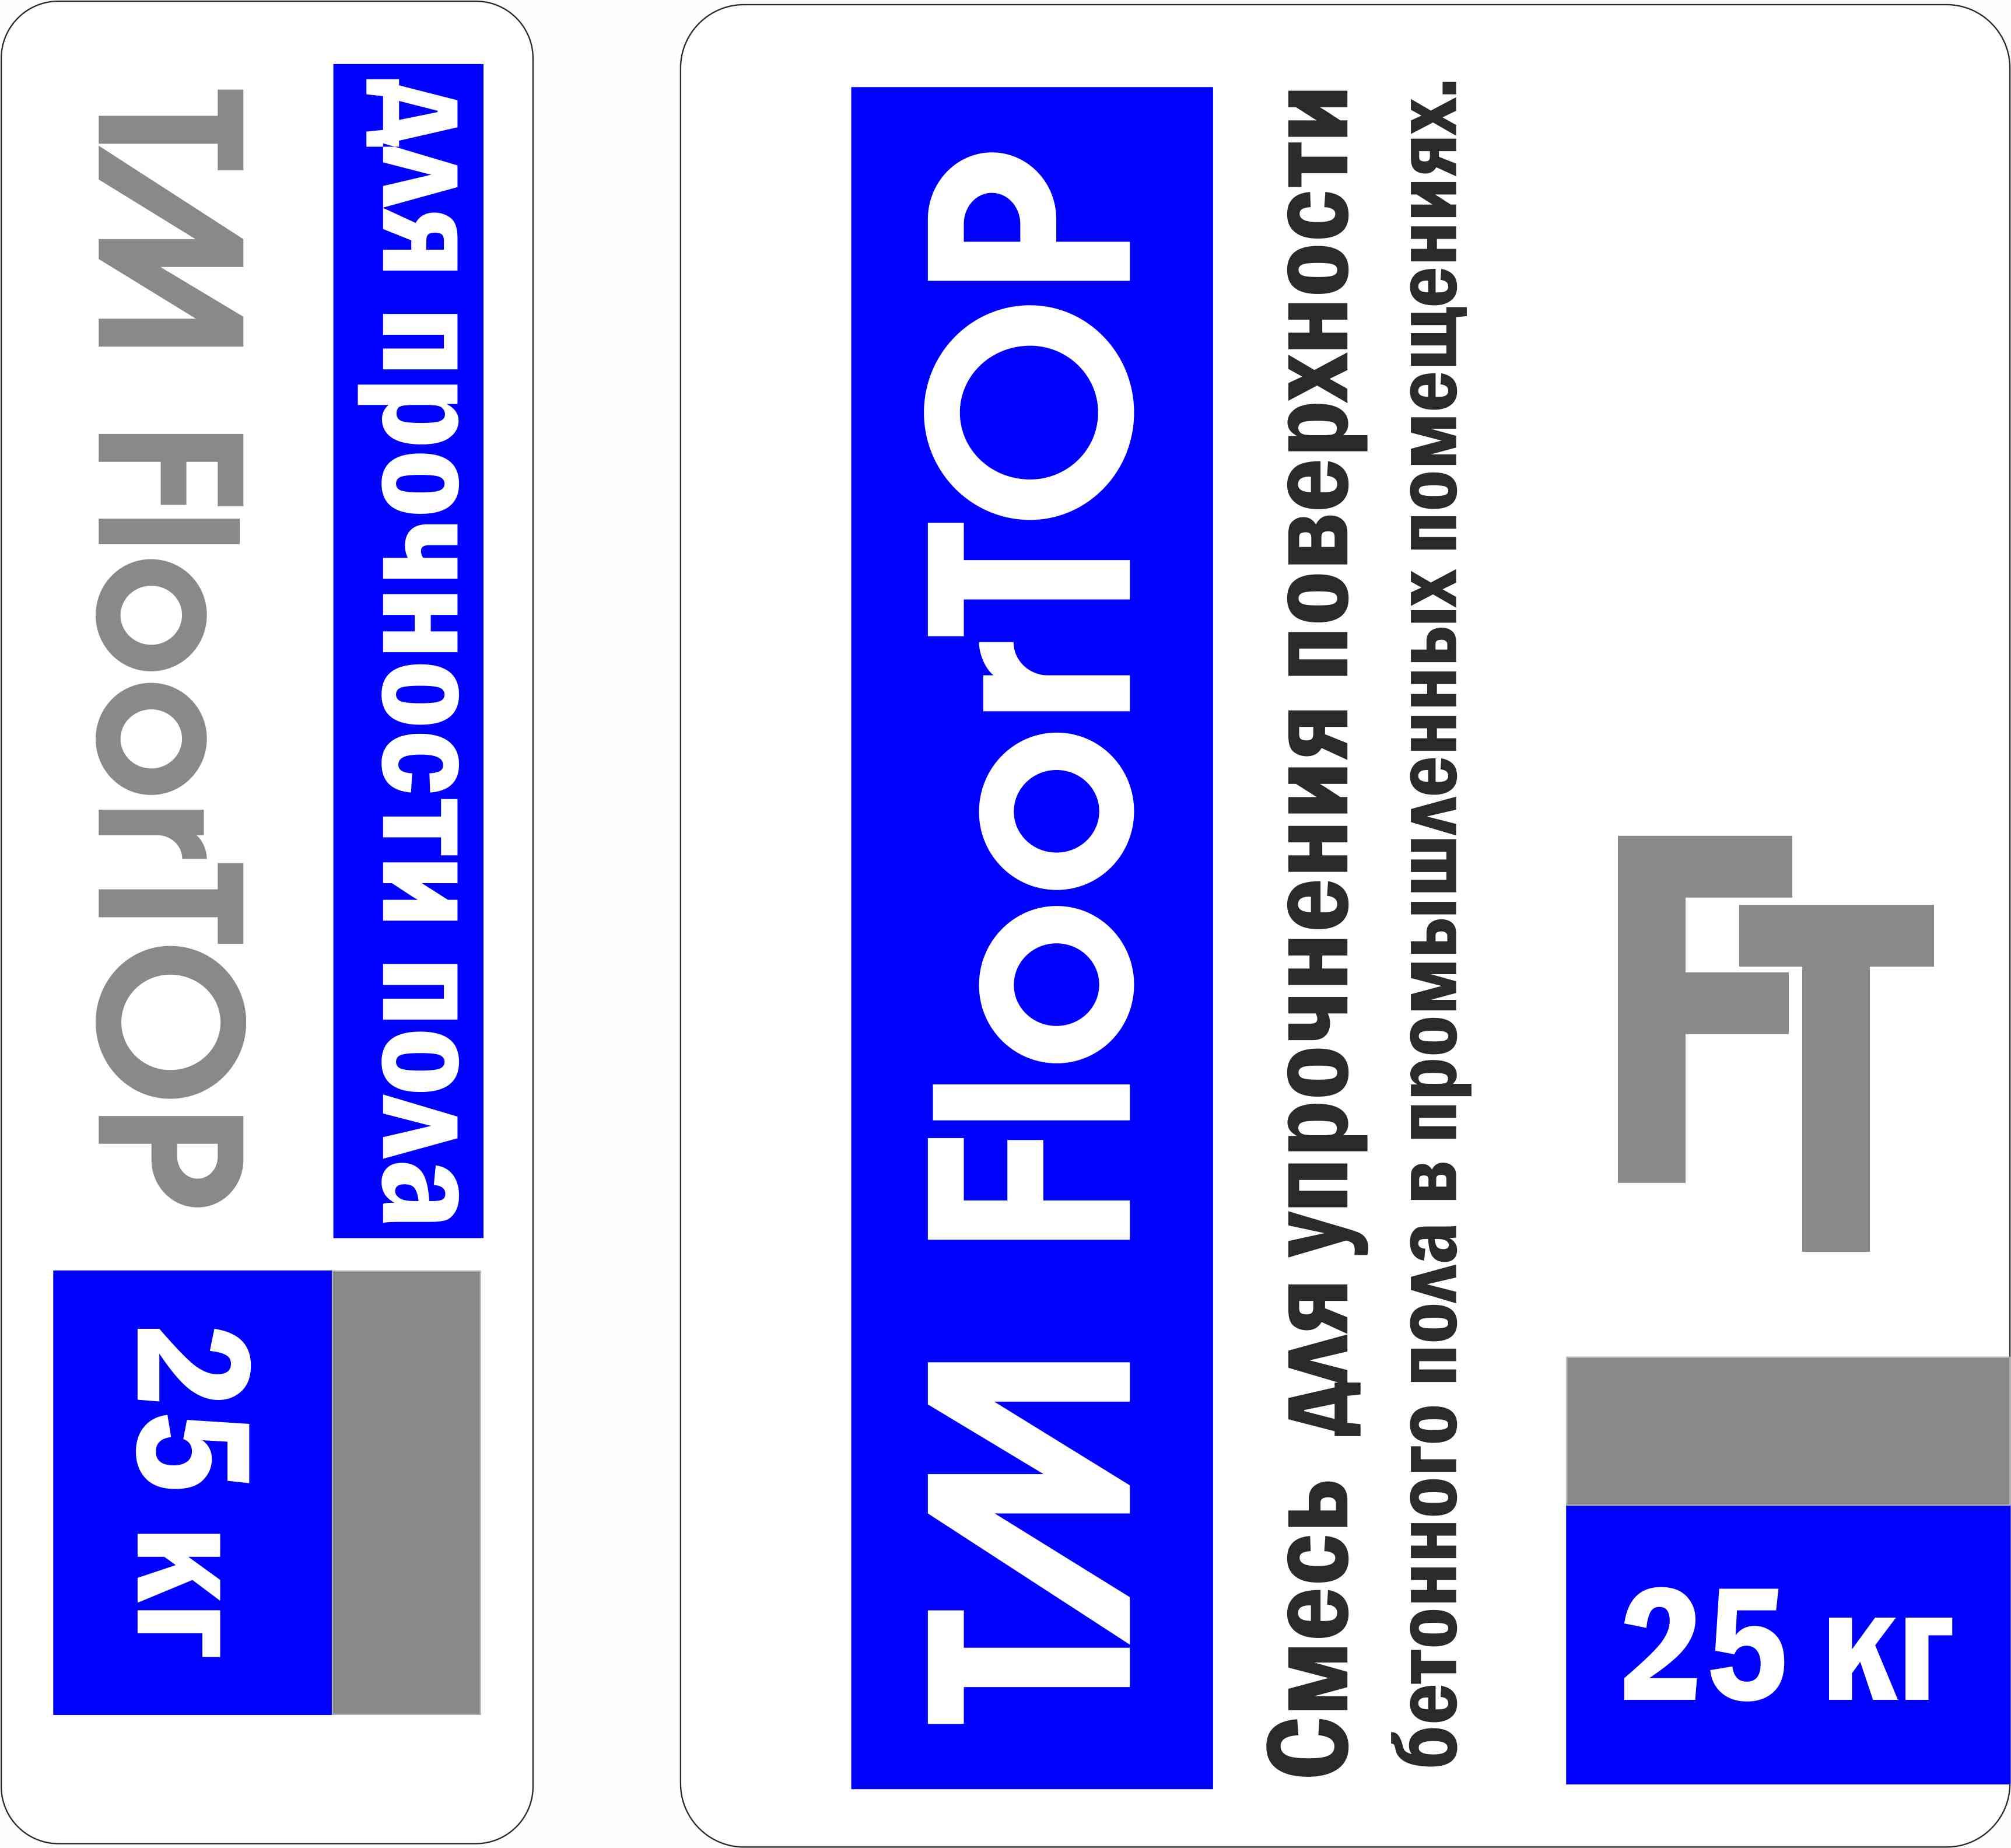 Разработка логотипа и дизайна на упаковку для сухой смеси фото f_9195d26b960434e9.jpg